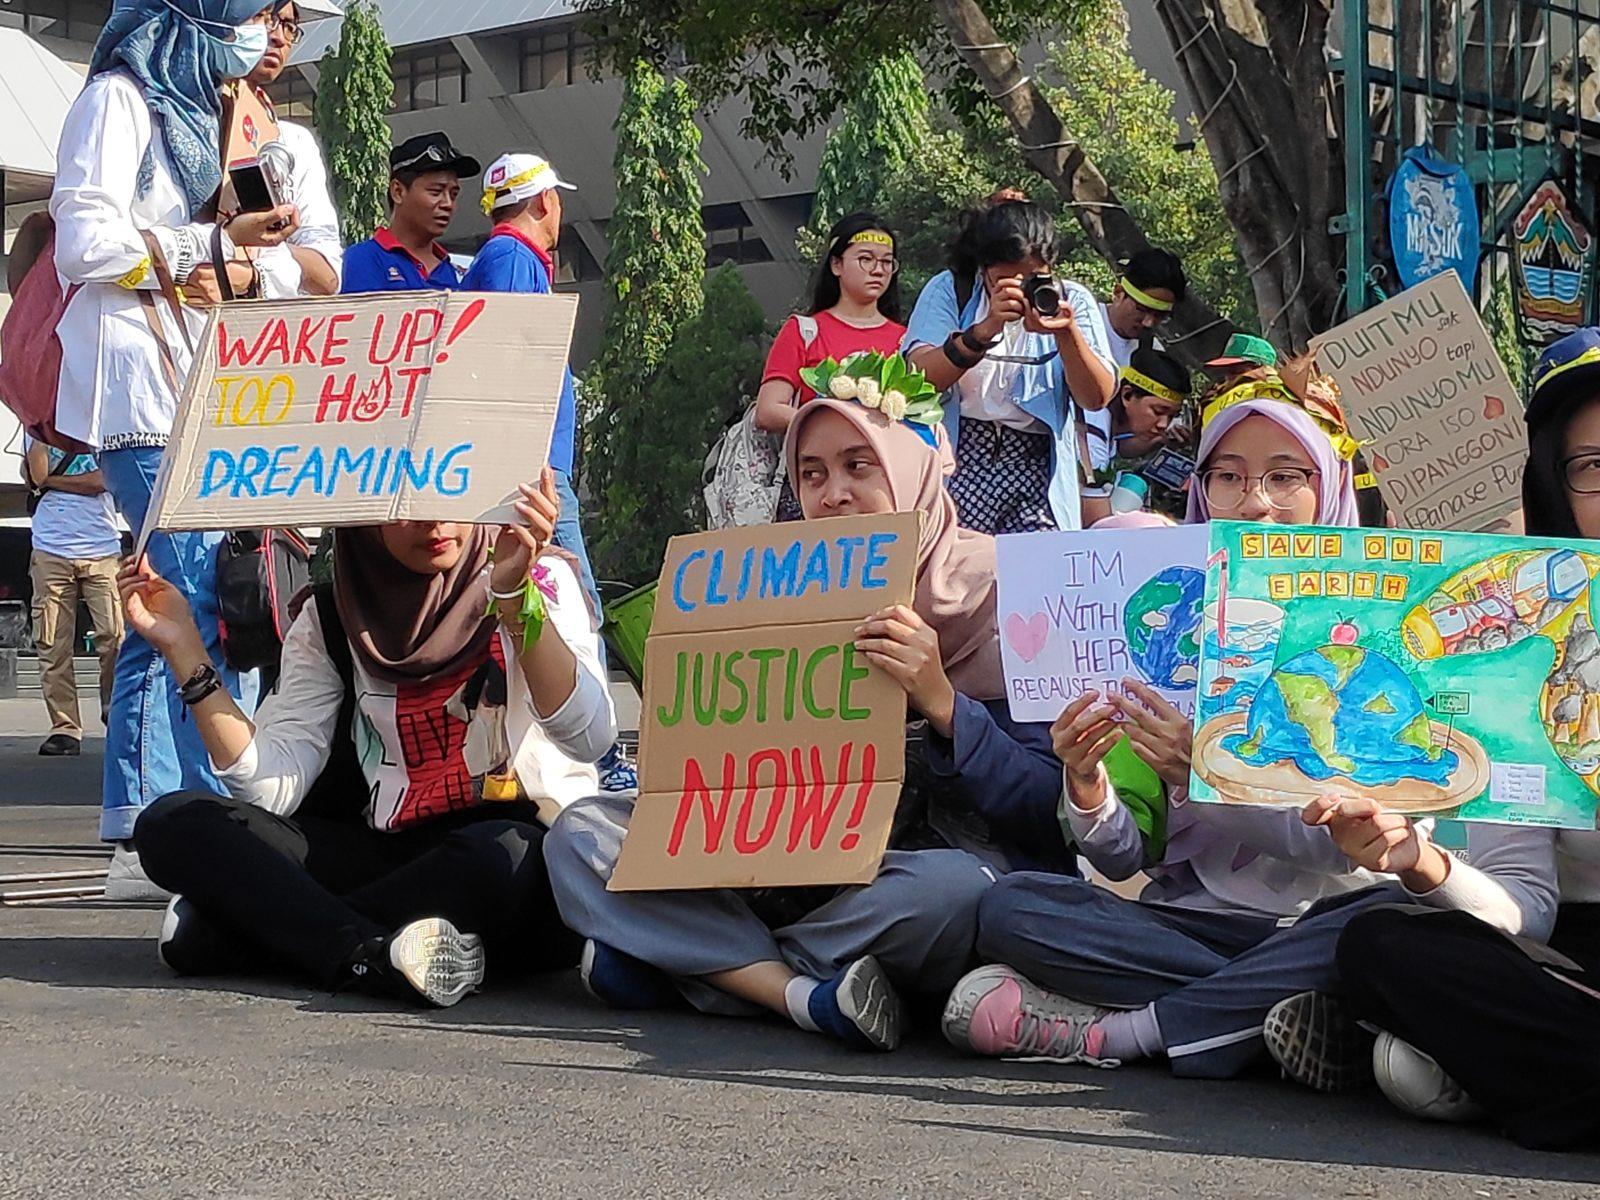 Klimastreik in Semarang, der Provinzhauptstadt von Zentraljava, Indonesien, im September 2019 © Suwito